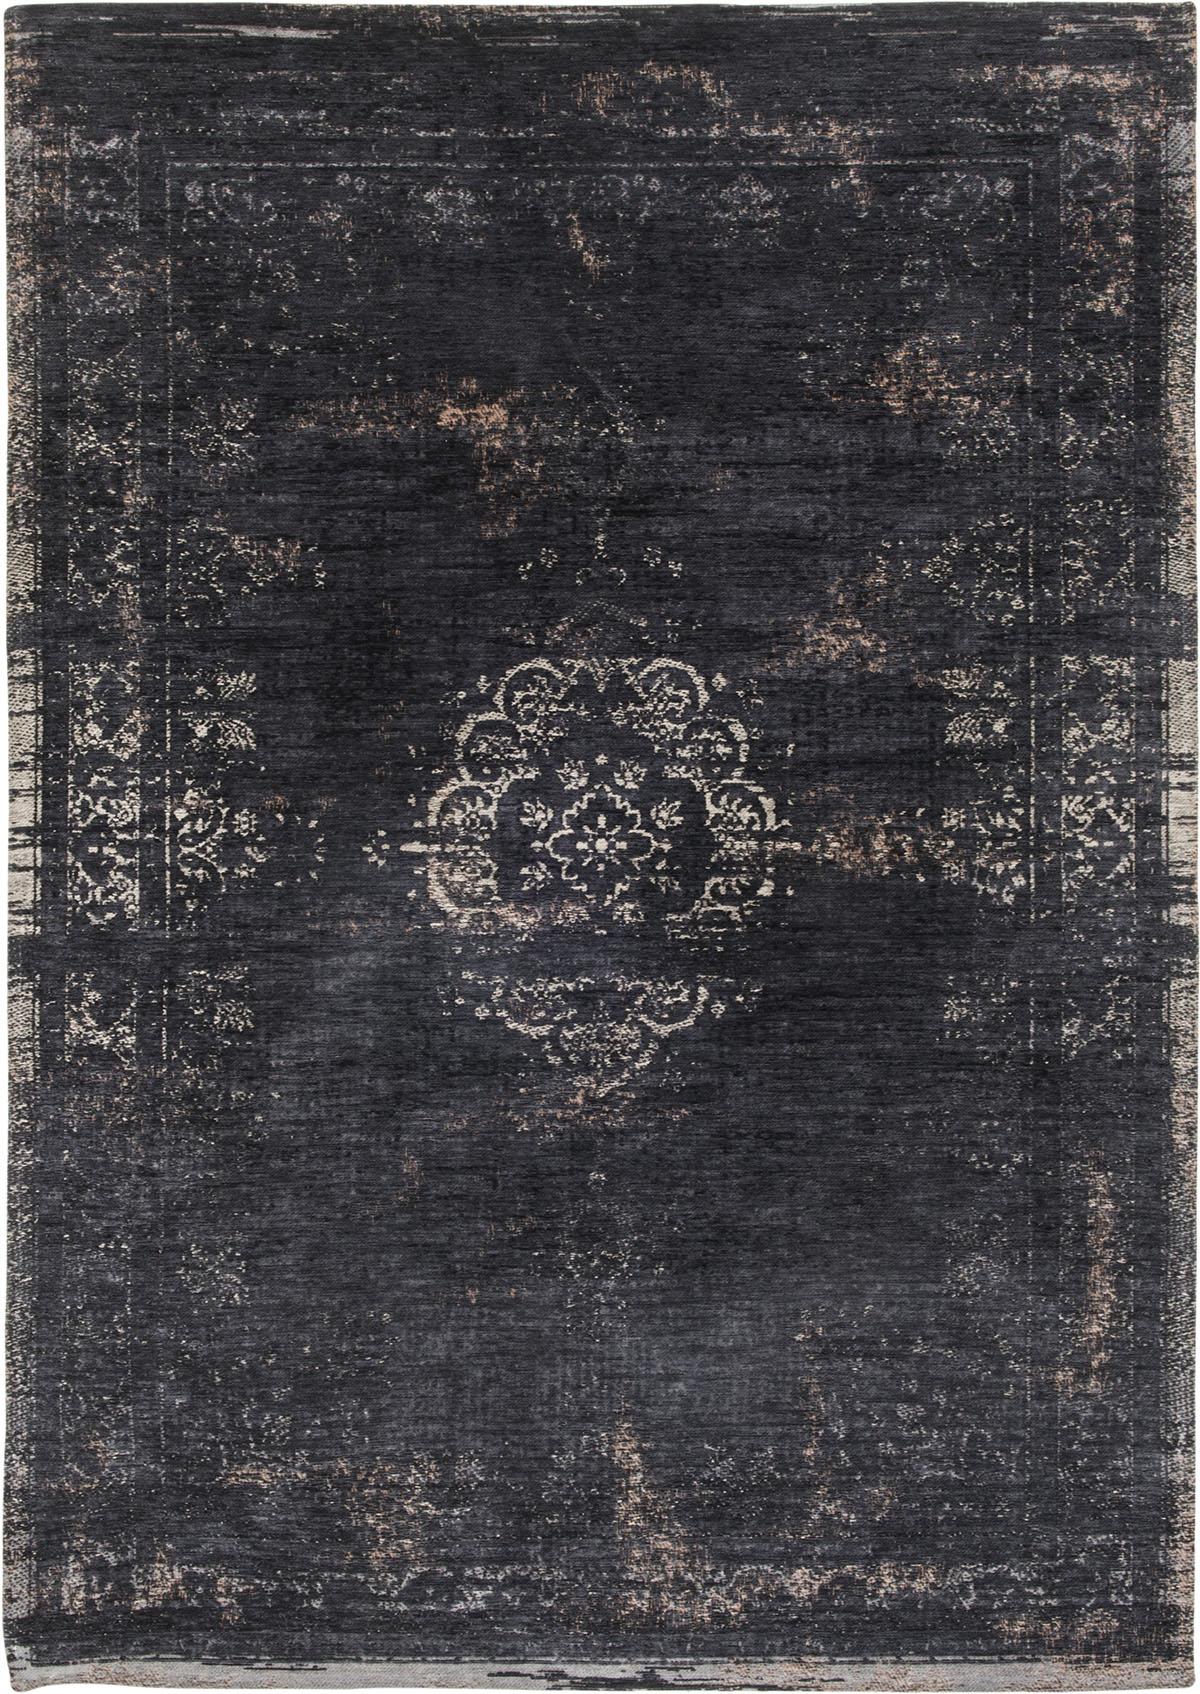 Czarny Dywan Klasyczny - MINERAL BLACK 8263 - Rozmiar: 80x150 cm